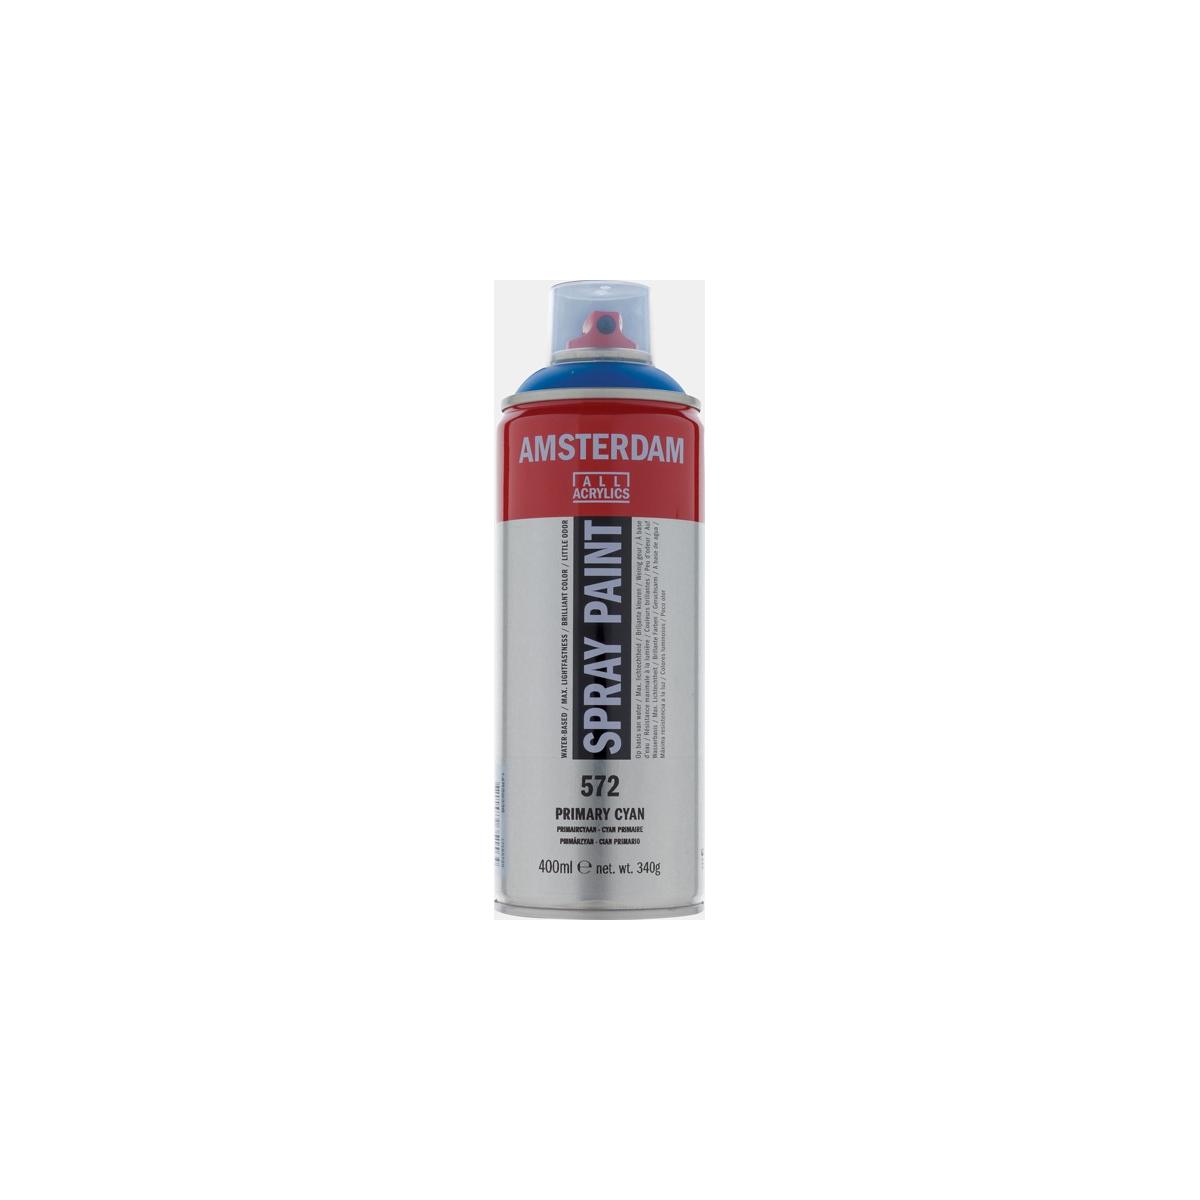 SPRAY AMSTERDAM TALENS 572...